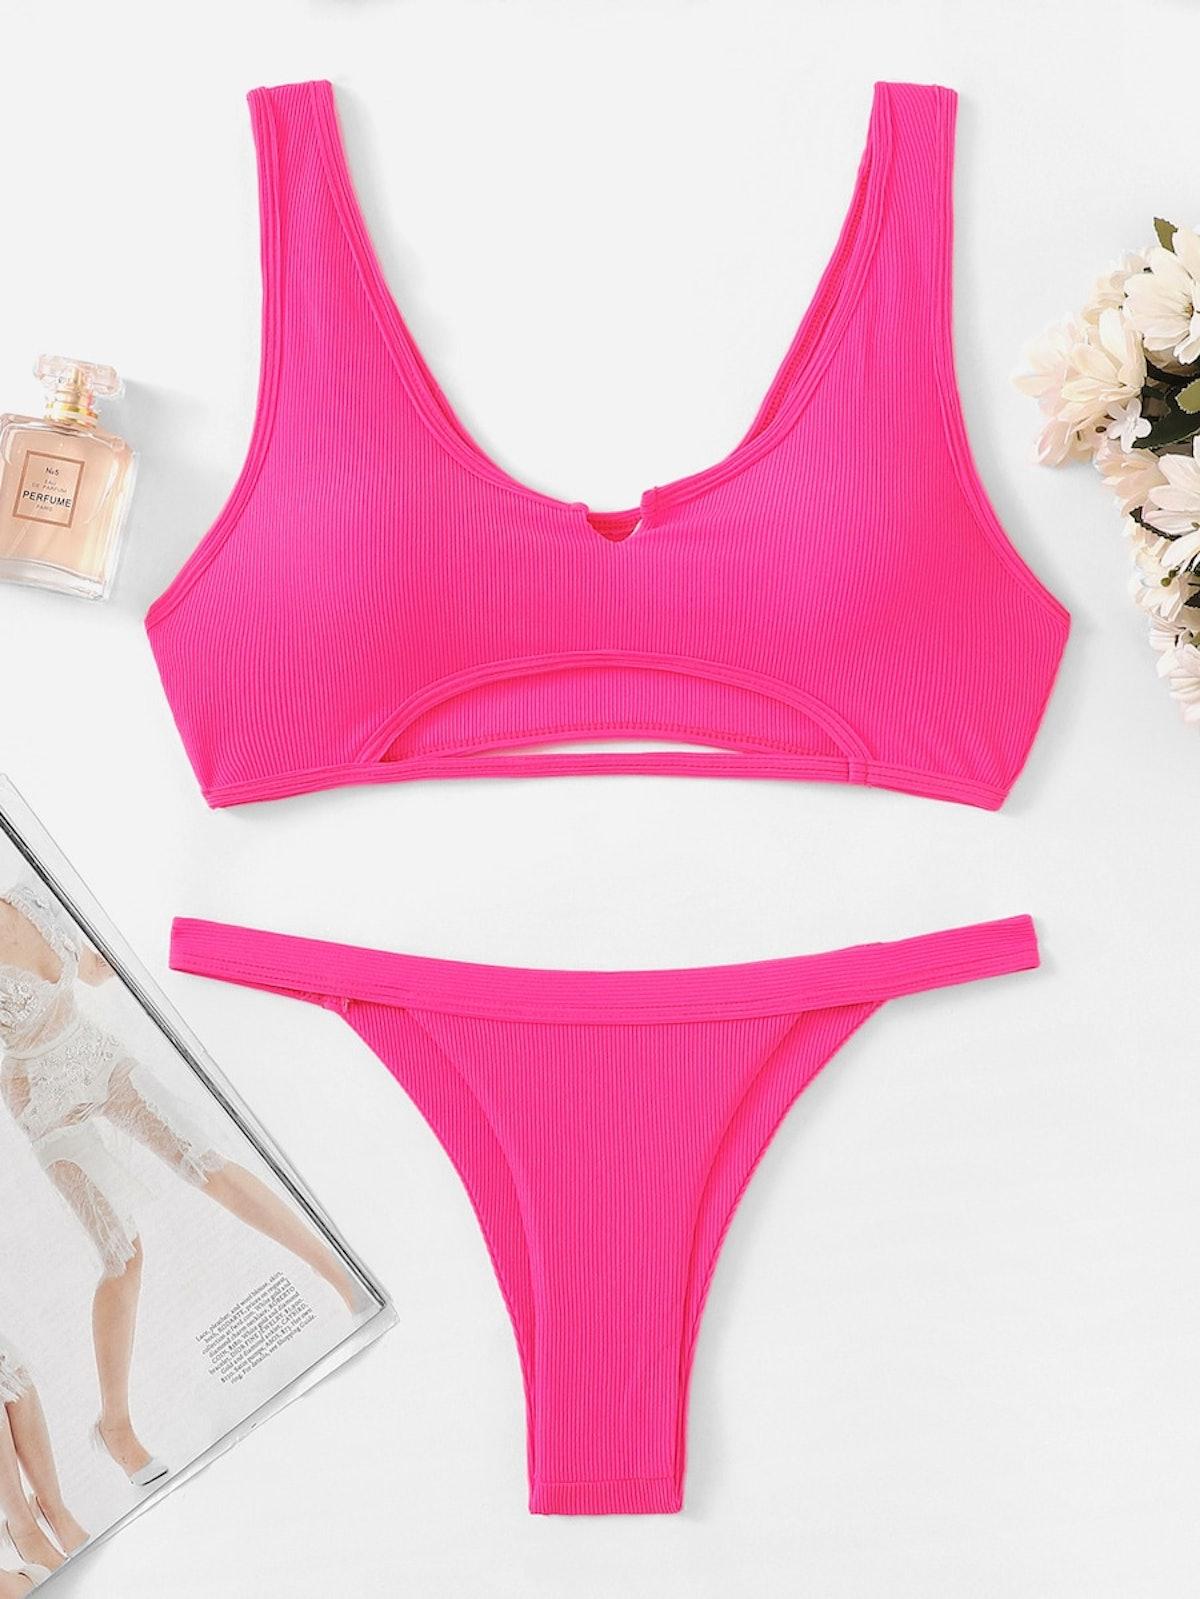 Neon Pink Cut-Out Top With Tanga Bikini